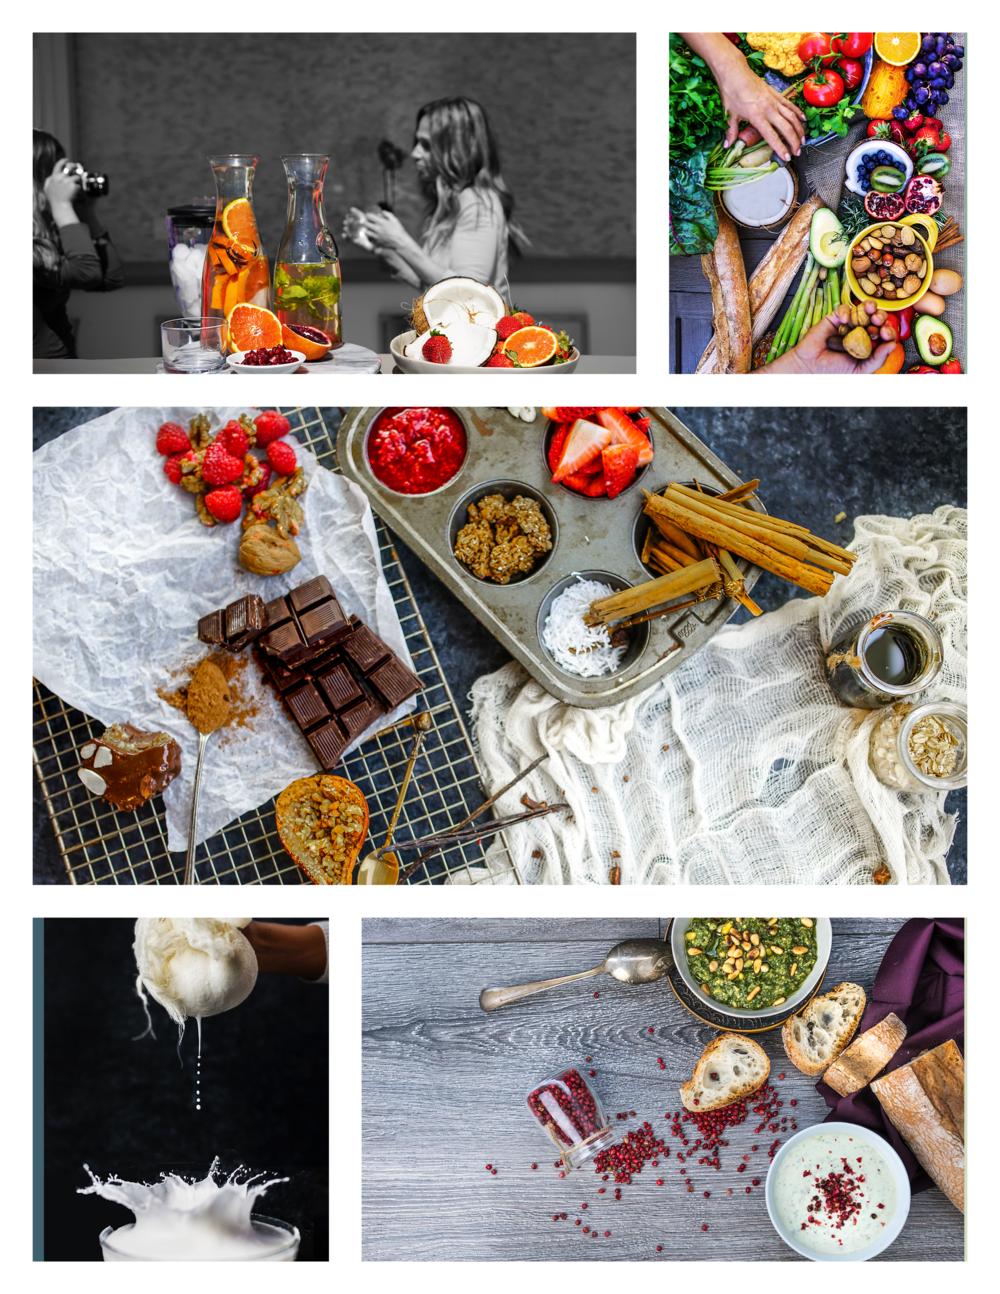 SIMA COHEN's Cook book